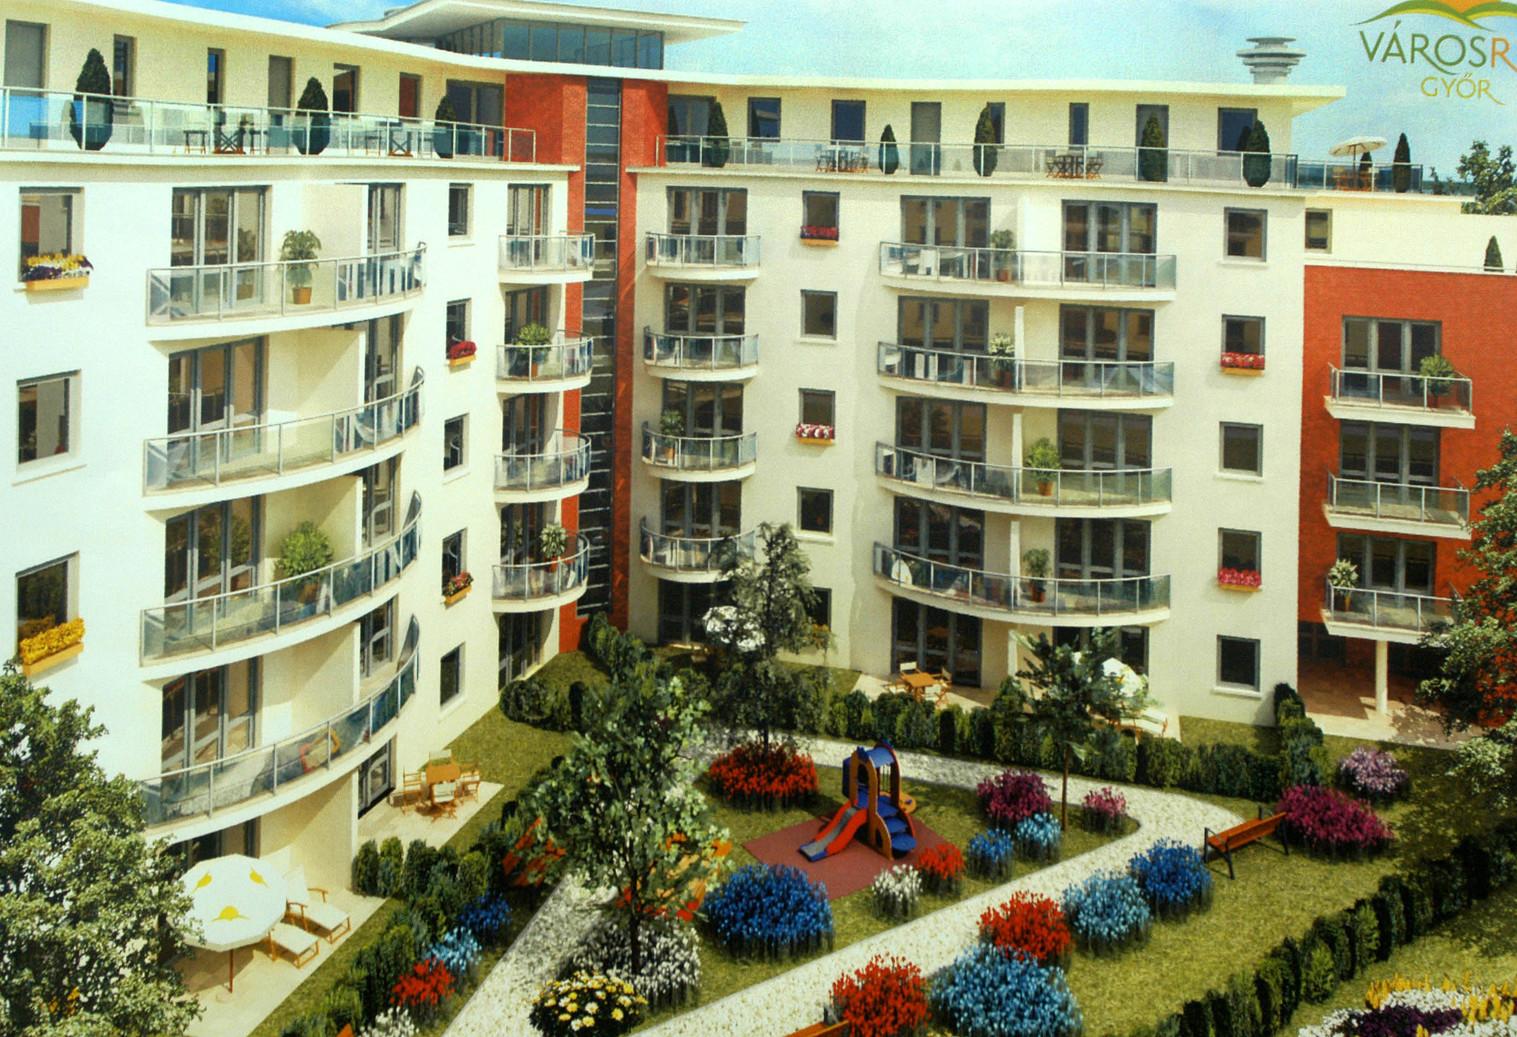 Látványtervek egy új lakótelepről - képünk illusztráció (Fotó: MTI)